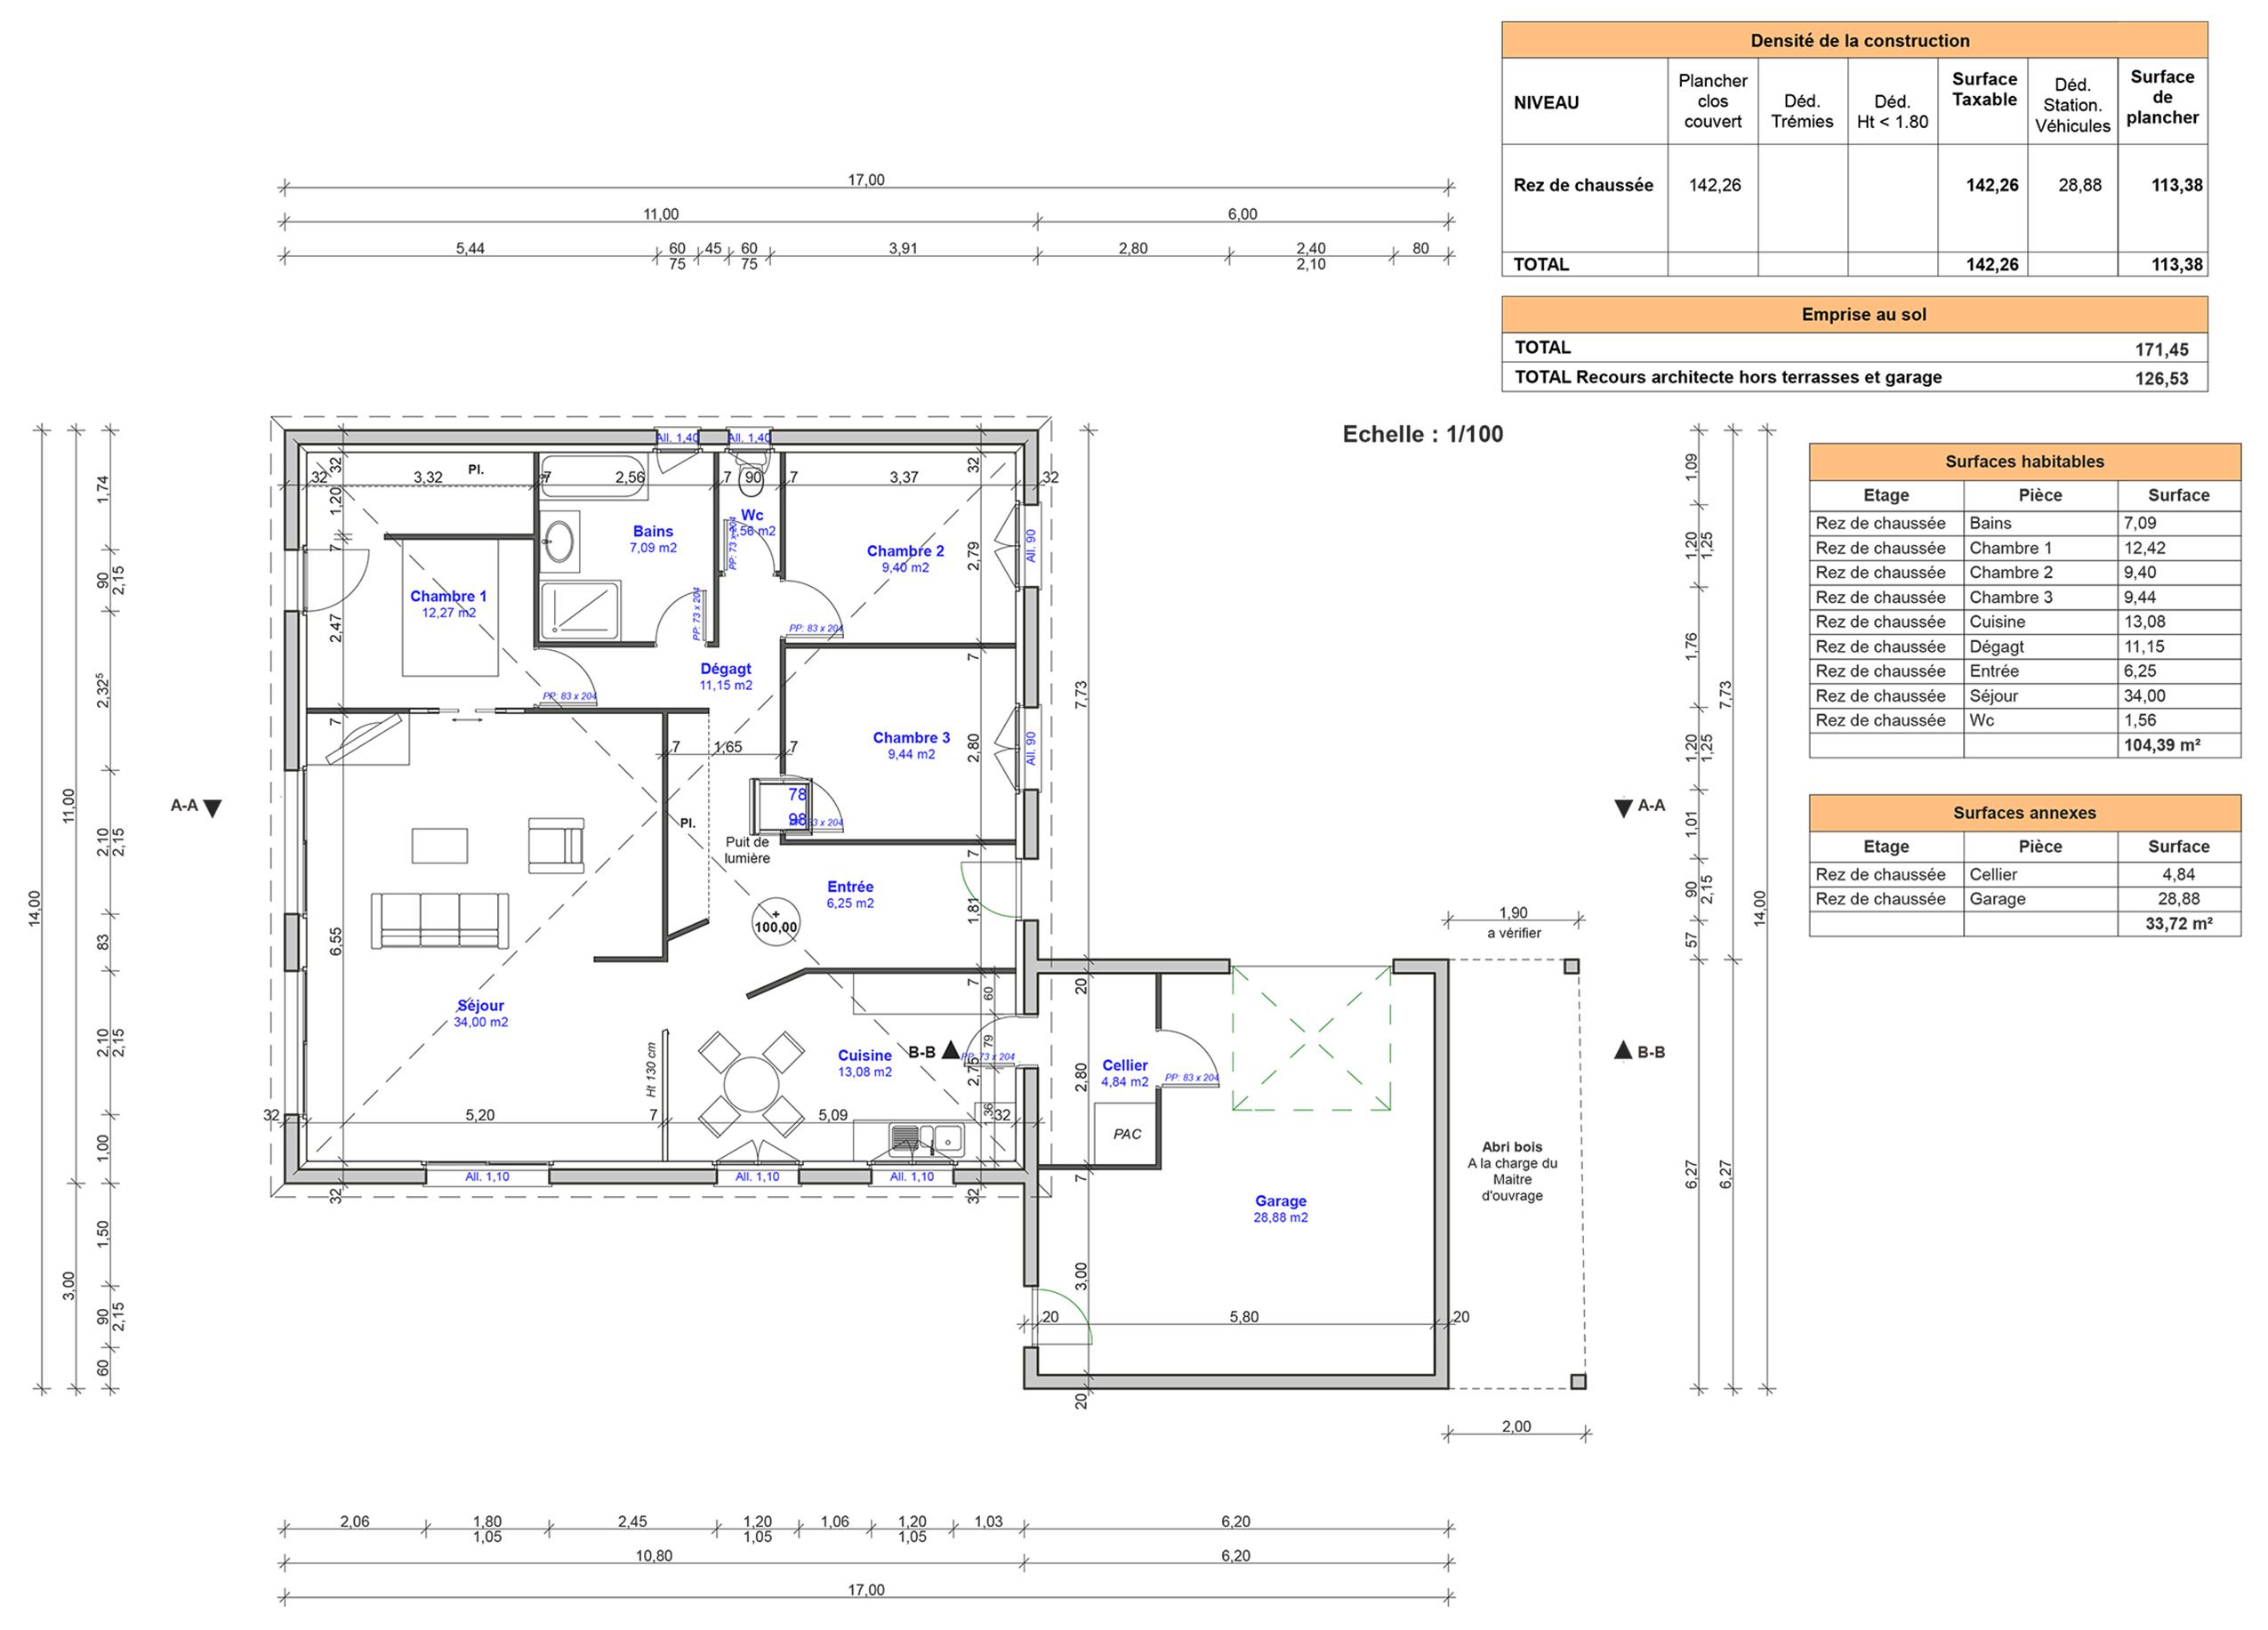 D p t du permis de construire et contrat de construction for Notice descriptive permis de construire